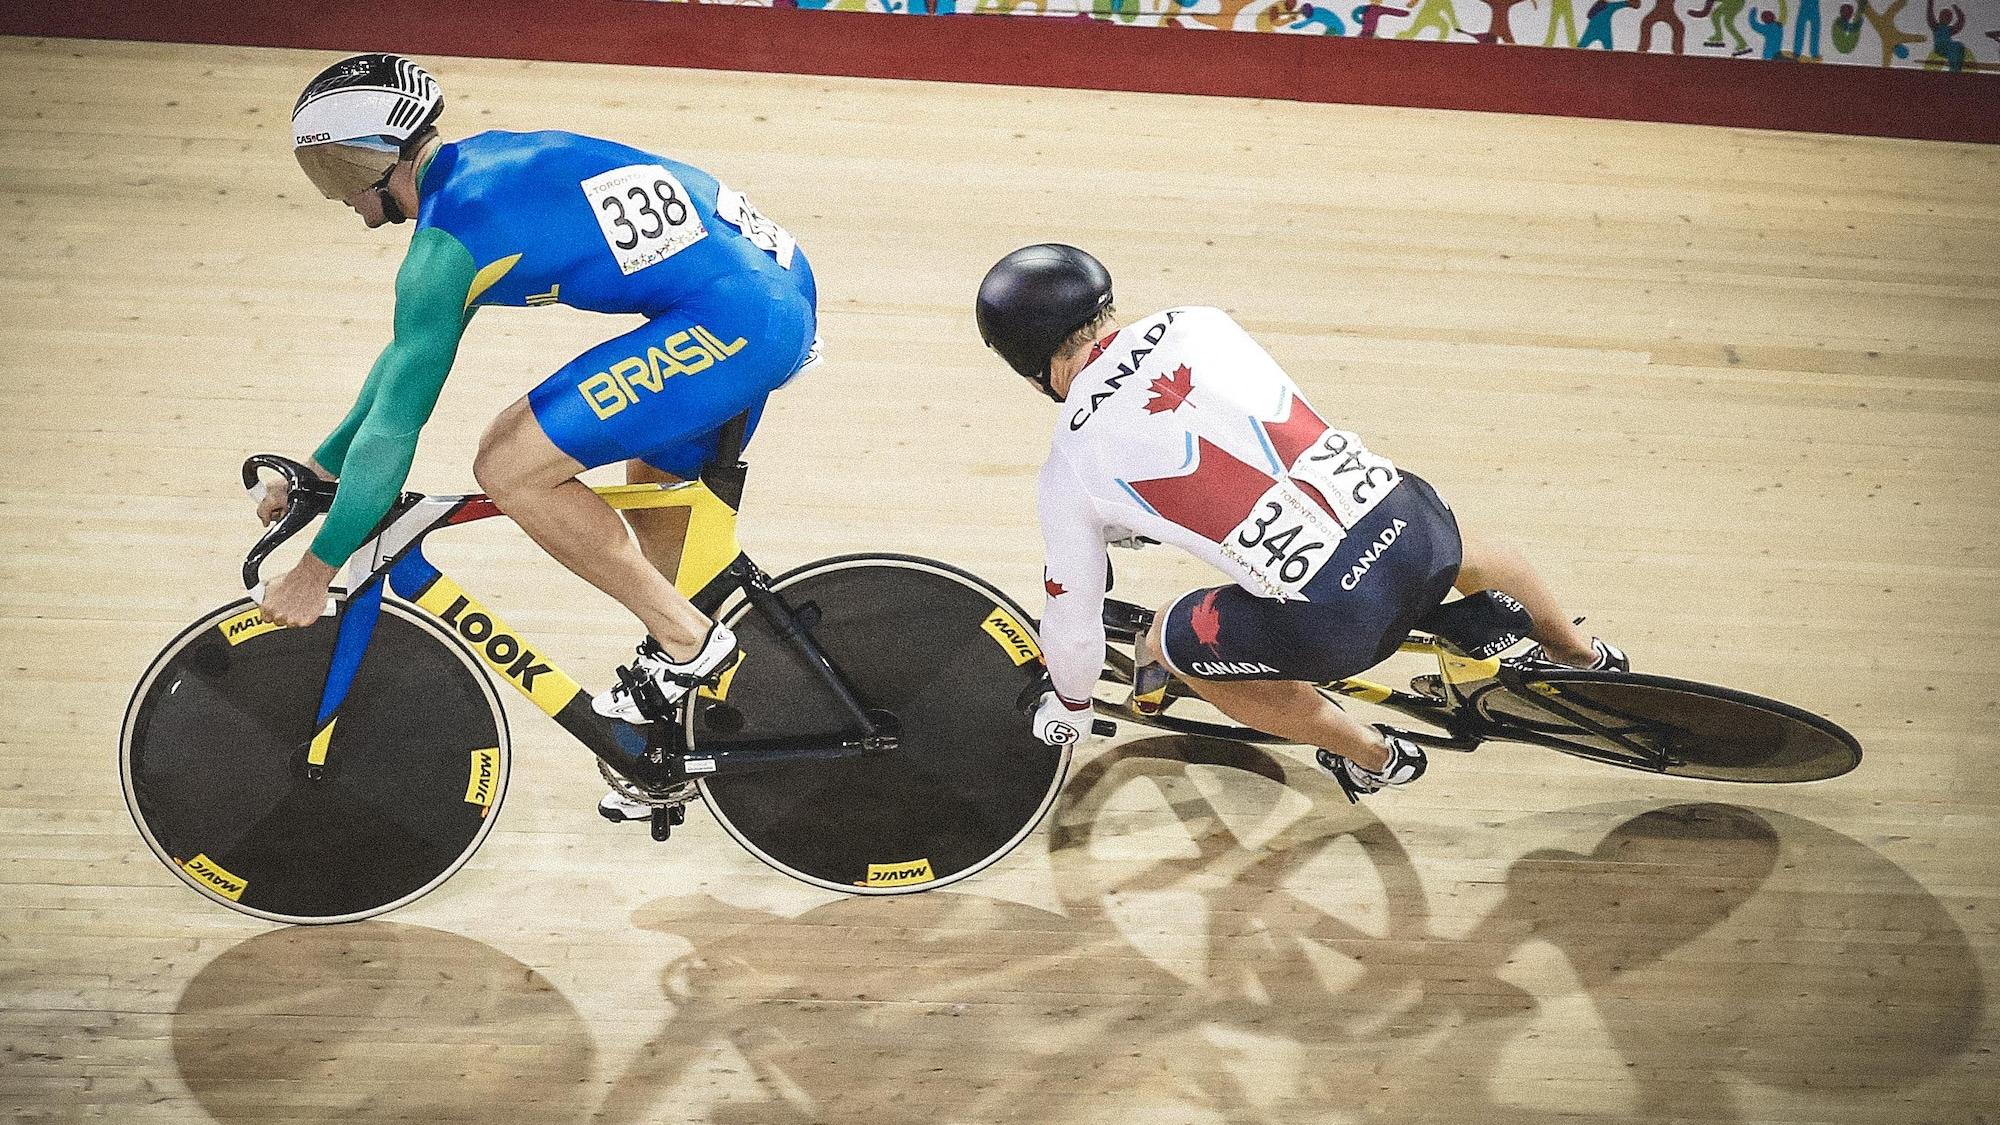 Le vélo de Hugo Barrette entre en contact avec celui du Brésilien Flavio Vagner Cipriano, lors des Jeux panaméricains de 2015...